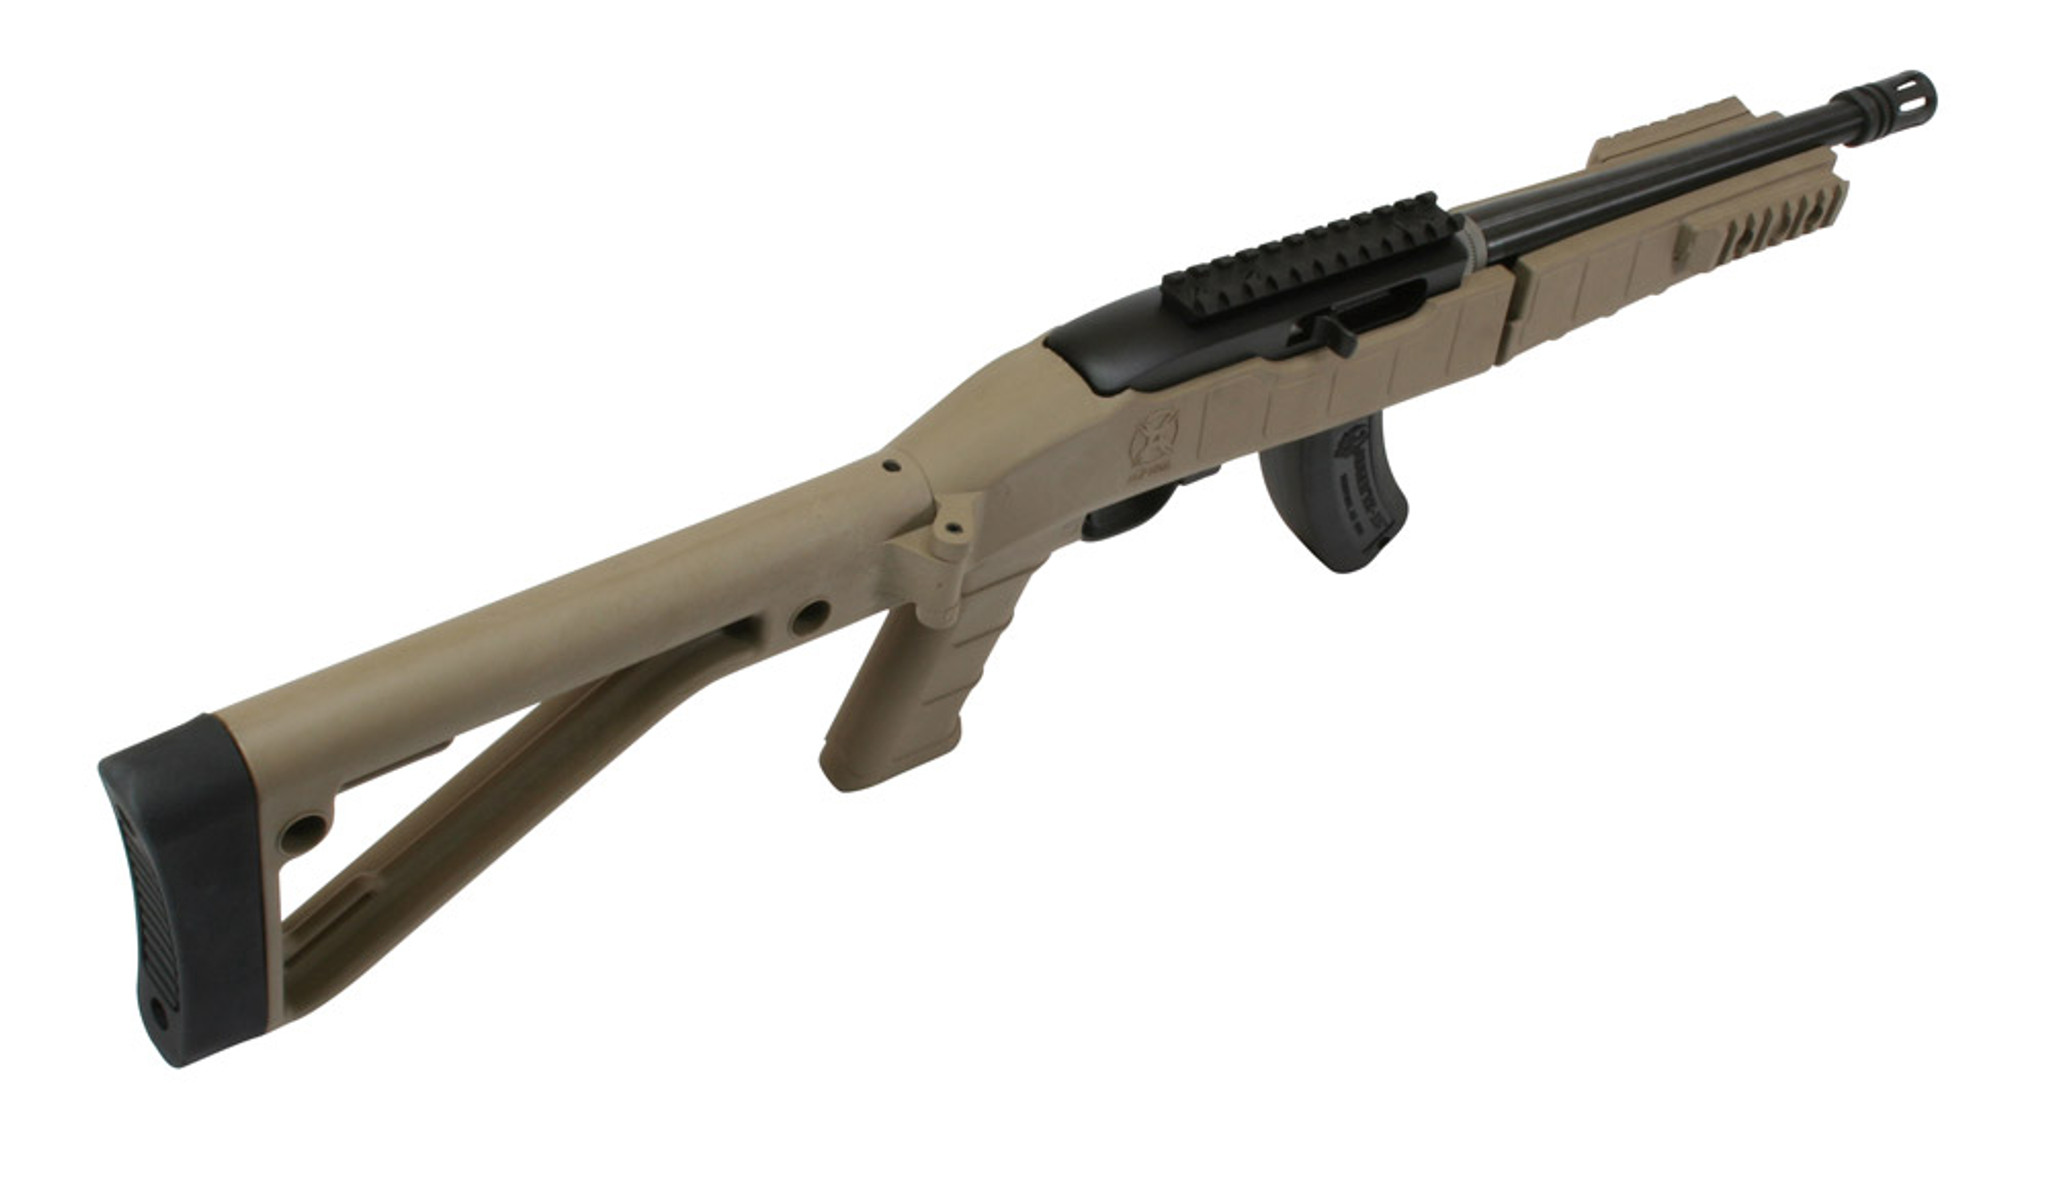 AGP Arms Folding Stock Kit Gen2 Designed for Ruger® 10/22®